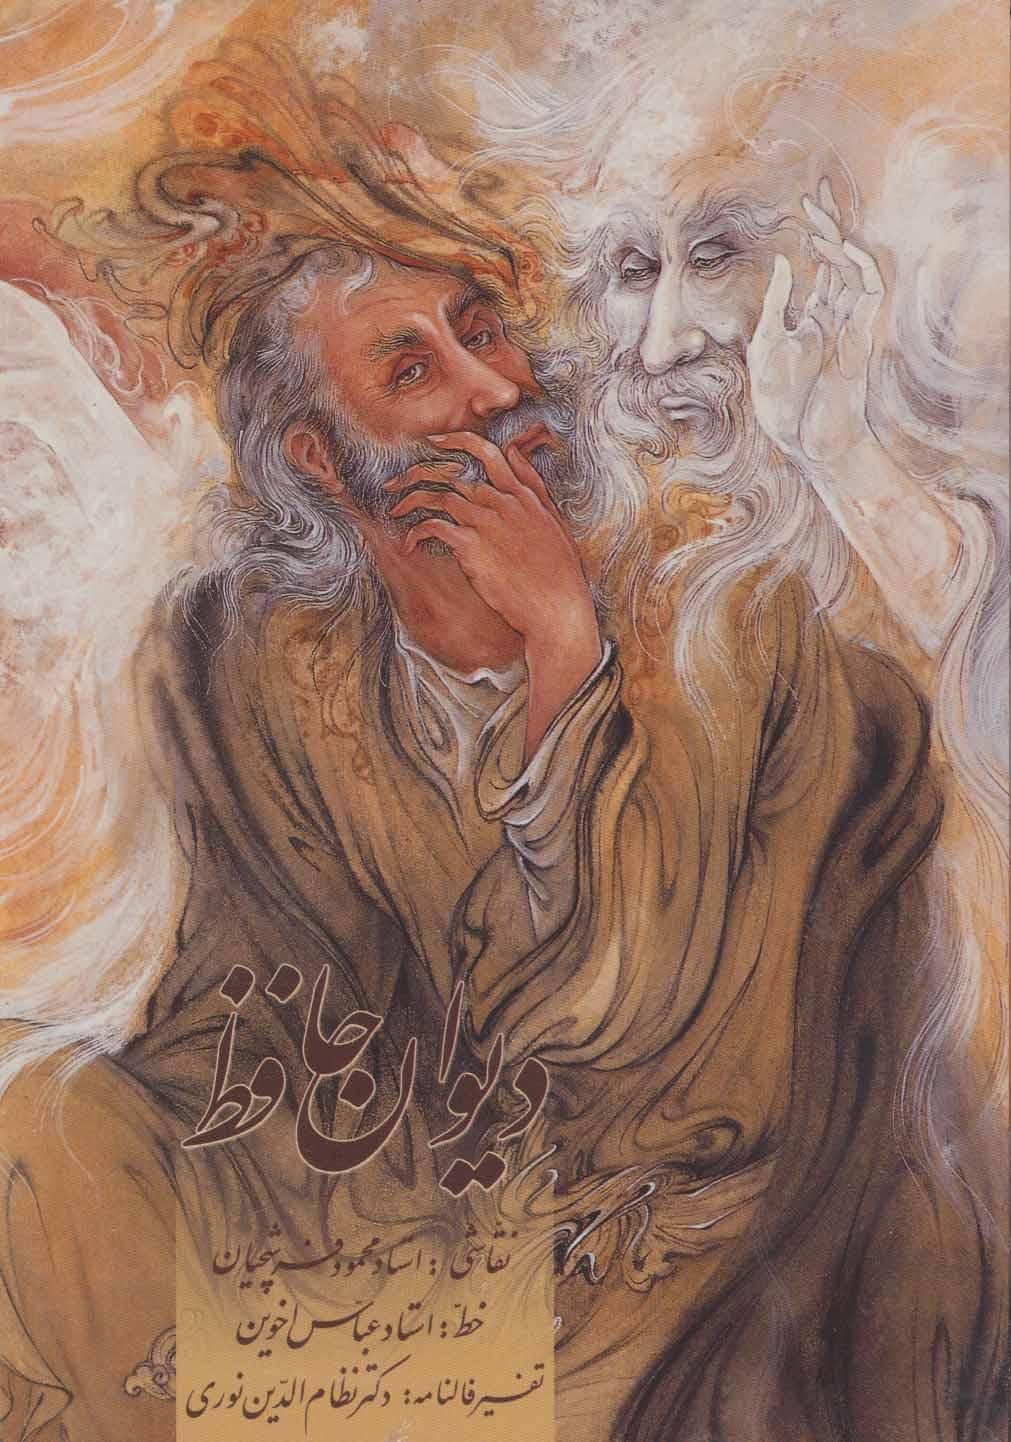 دیوان حافظ اخوین (همراه با تفسیر فالنامه)،با مینیاتور (گلاسه،باقاب)